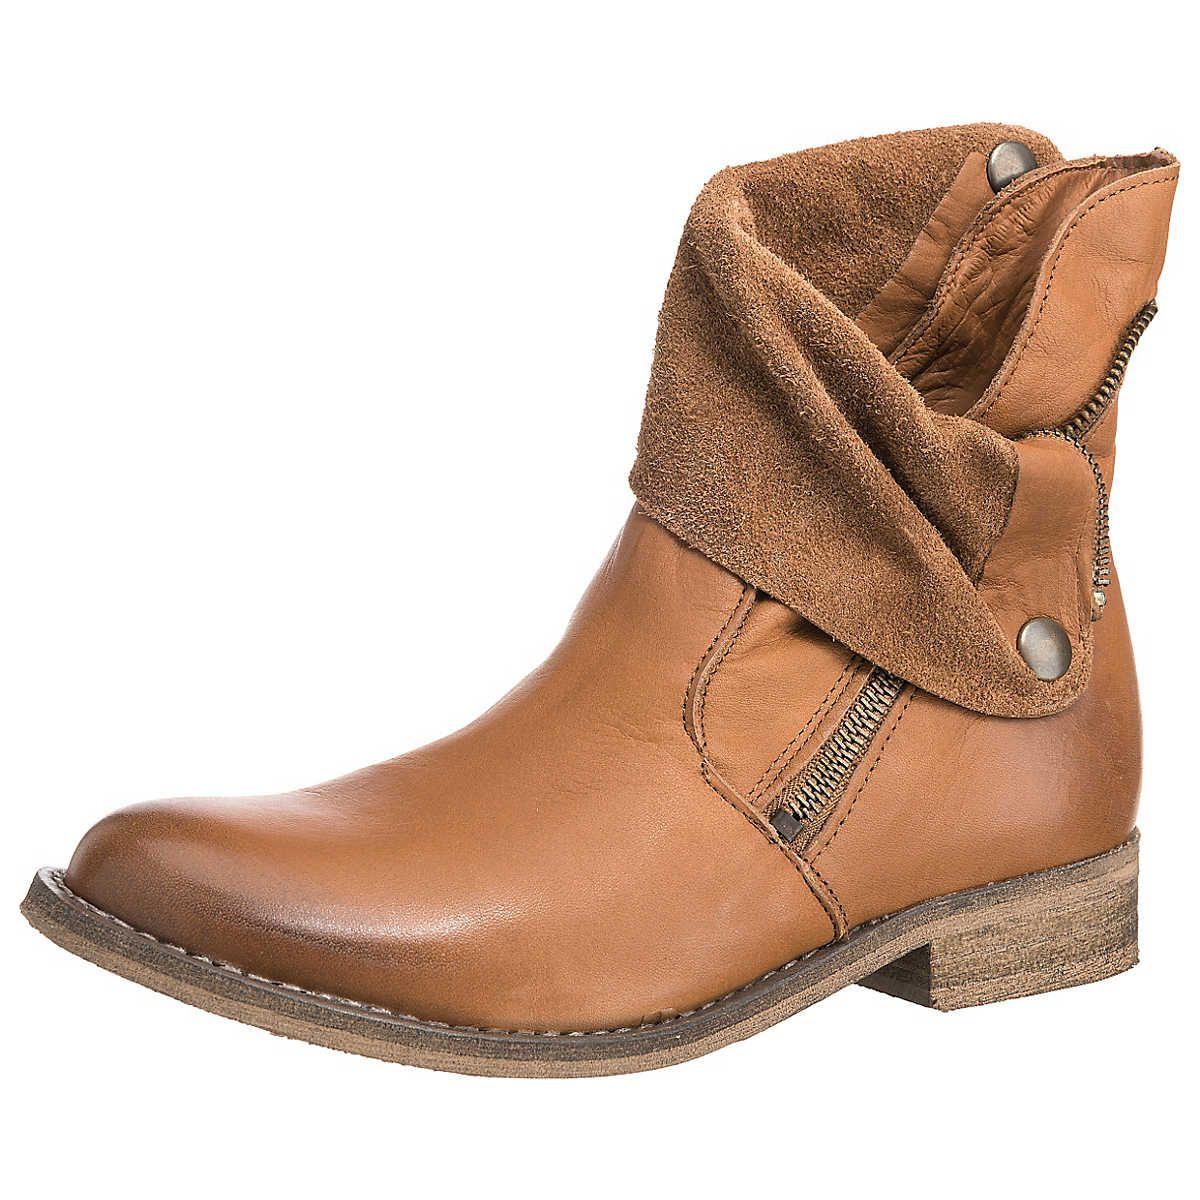 separation shoes 92340 6a7ec Unser MUST HAVE des Tages - heute: lässige SPM Oklahoma ...